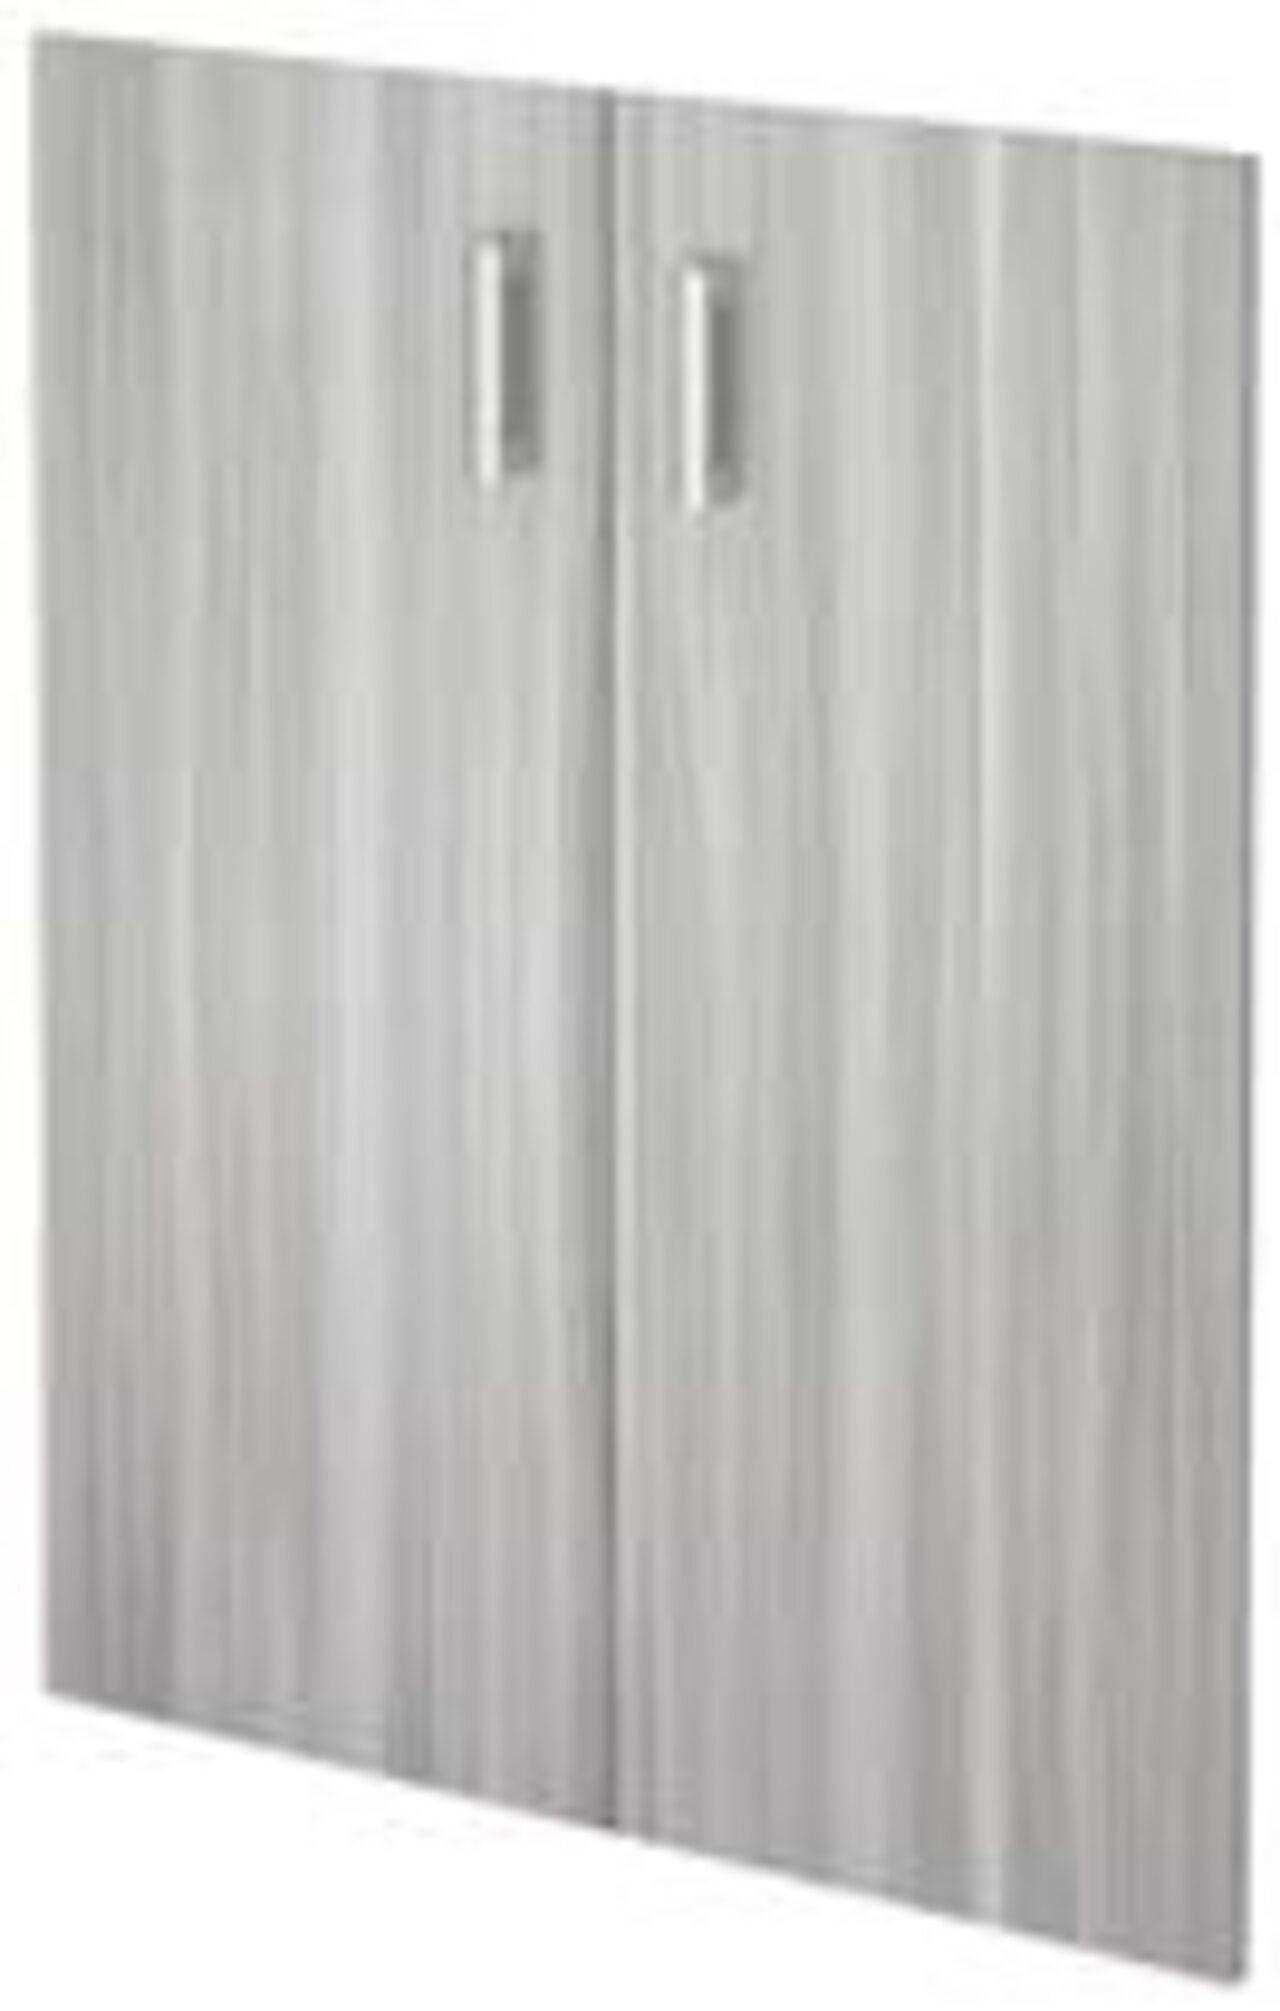 Двери из ЛДСП к широким стеллажам  Аргентум 78x2x118 - фото 5